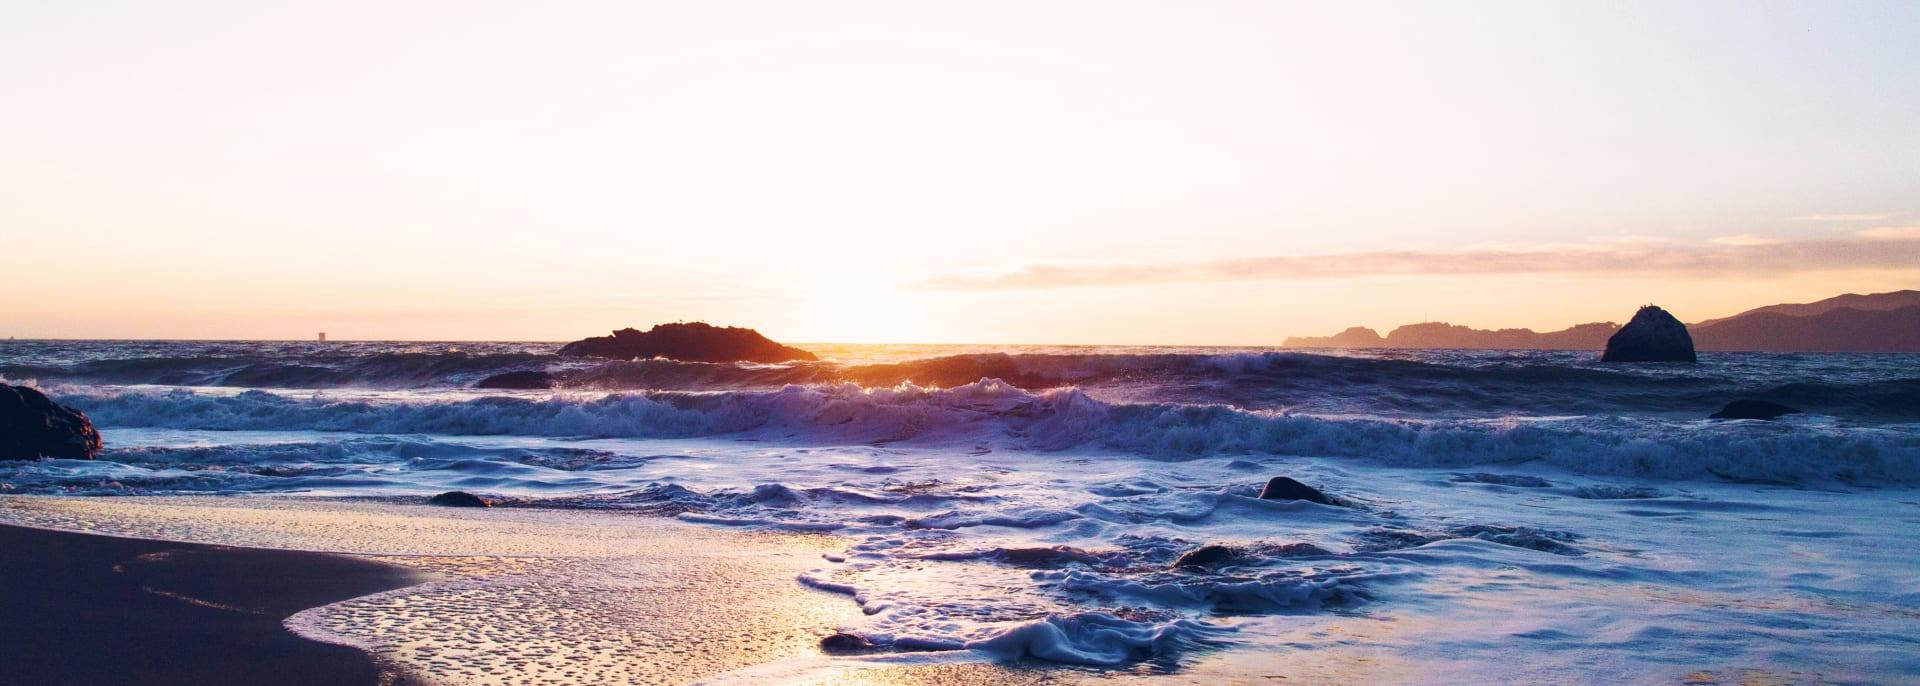 Küste, Meer